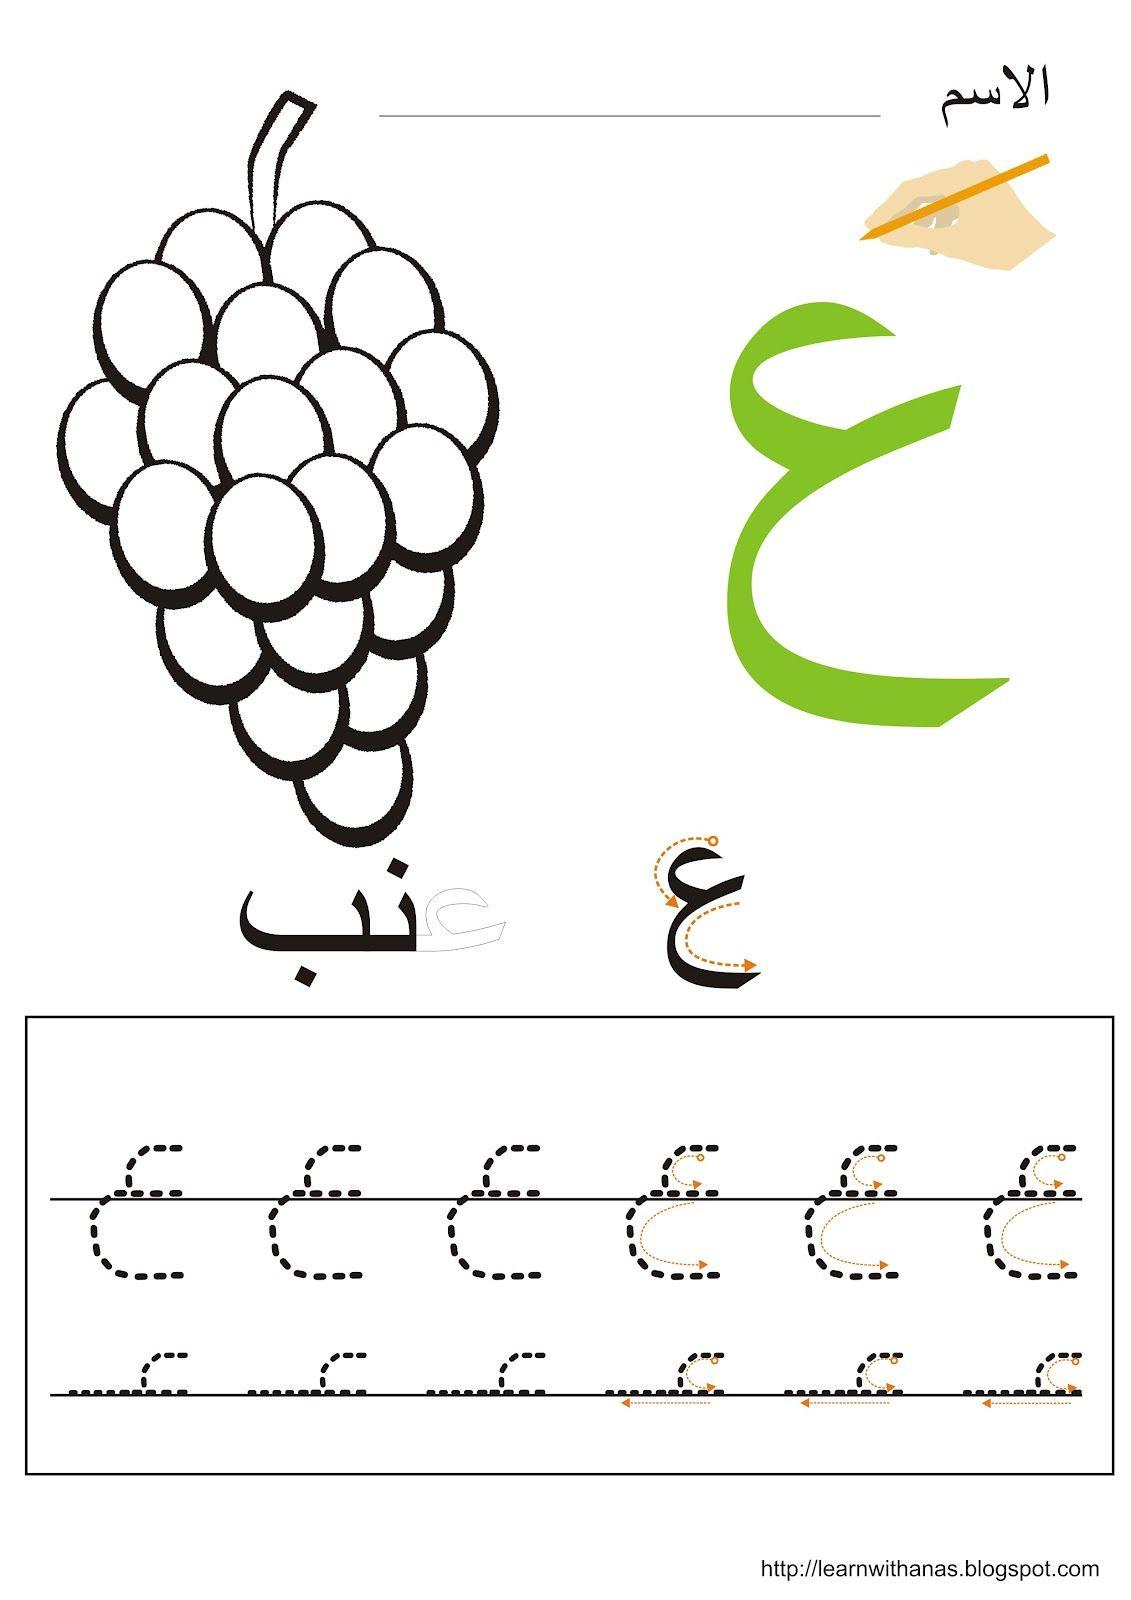 تعلم مع أنس Arabic Alphabet For Kids Alphabet Coloring Pages Learning Arabic